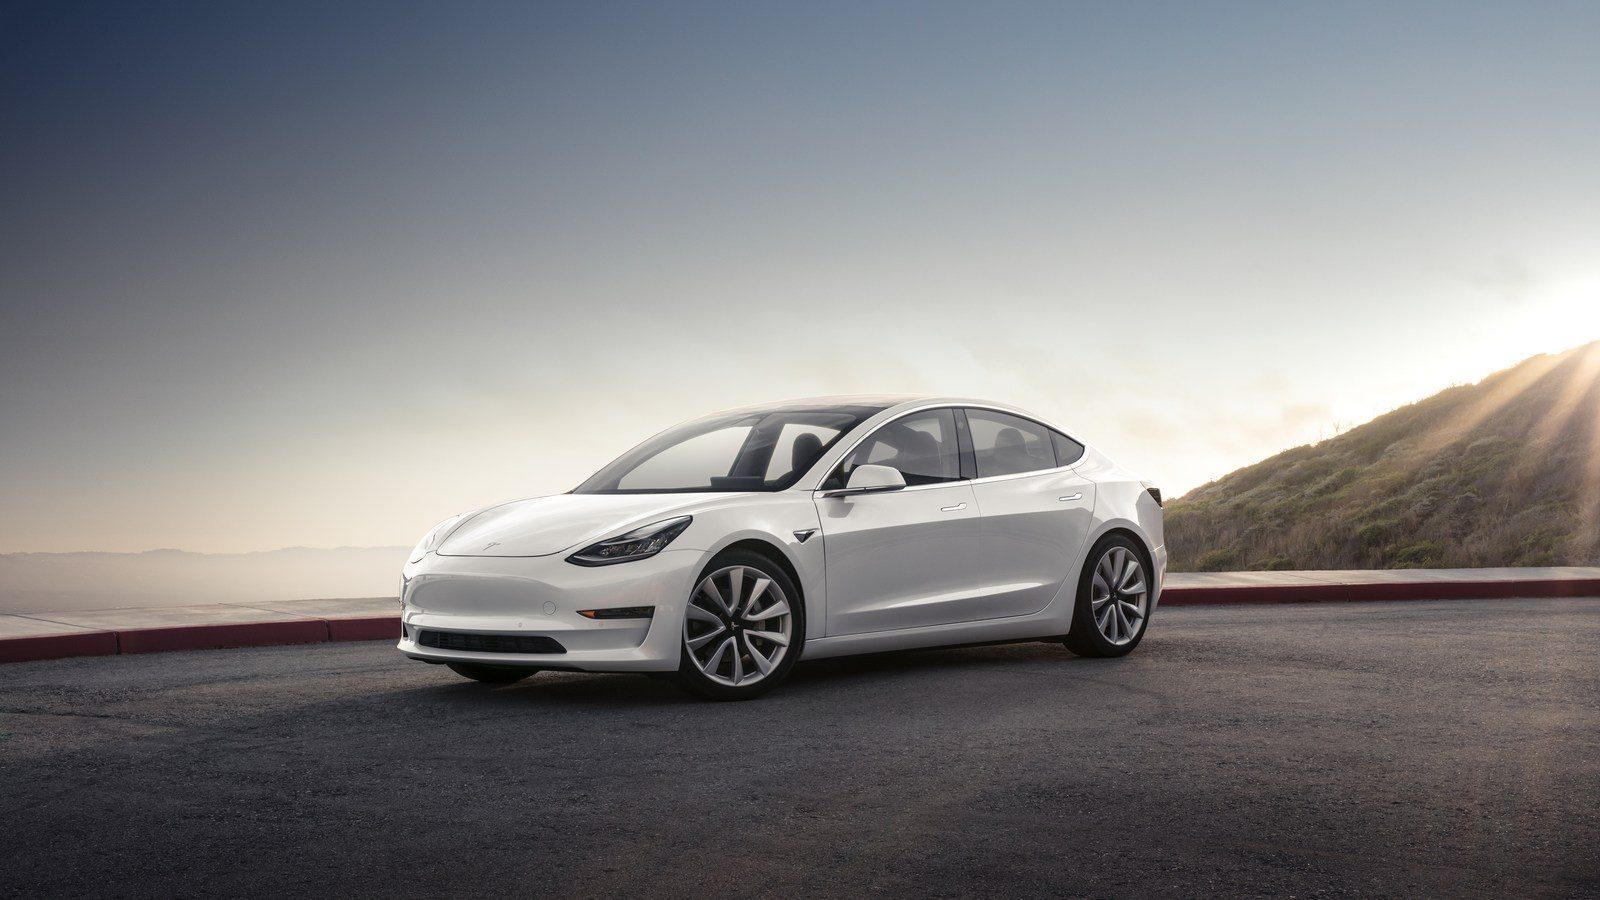 Tesla-AMD-Autonomous-Driving-Chip-1